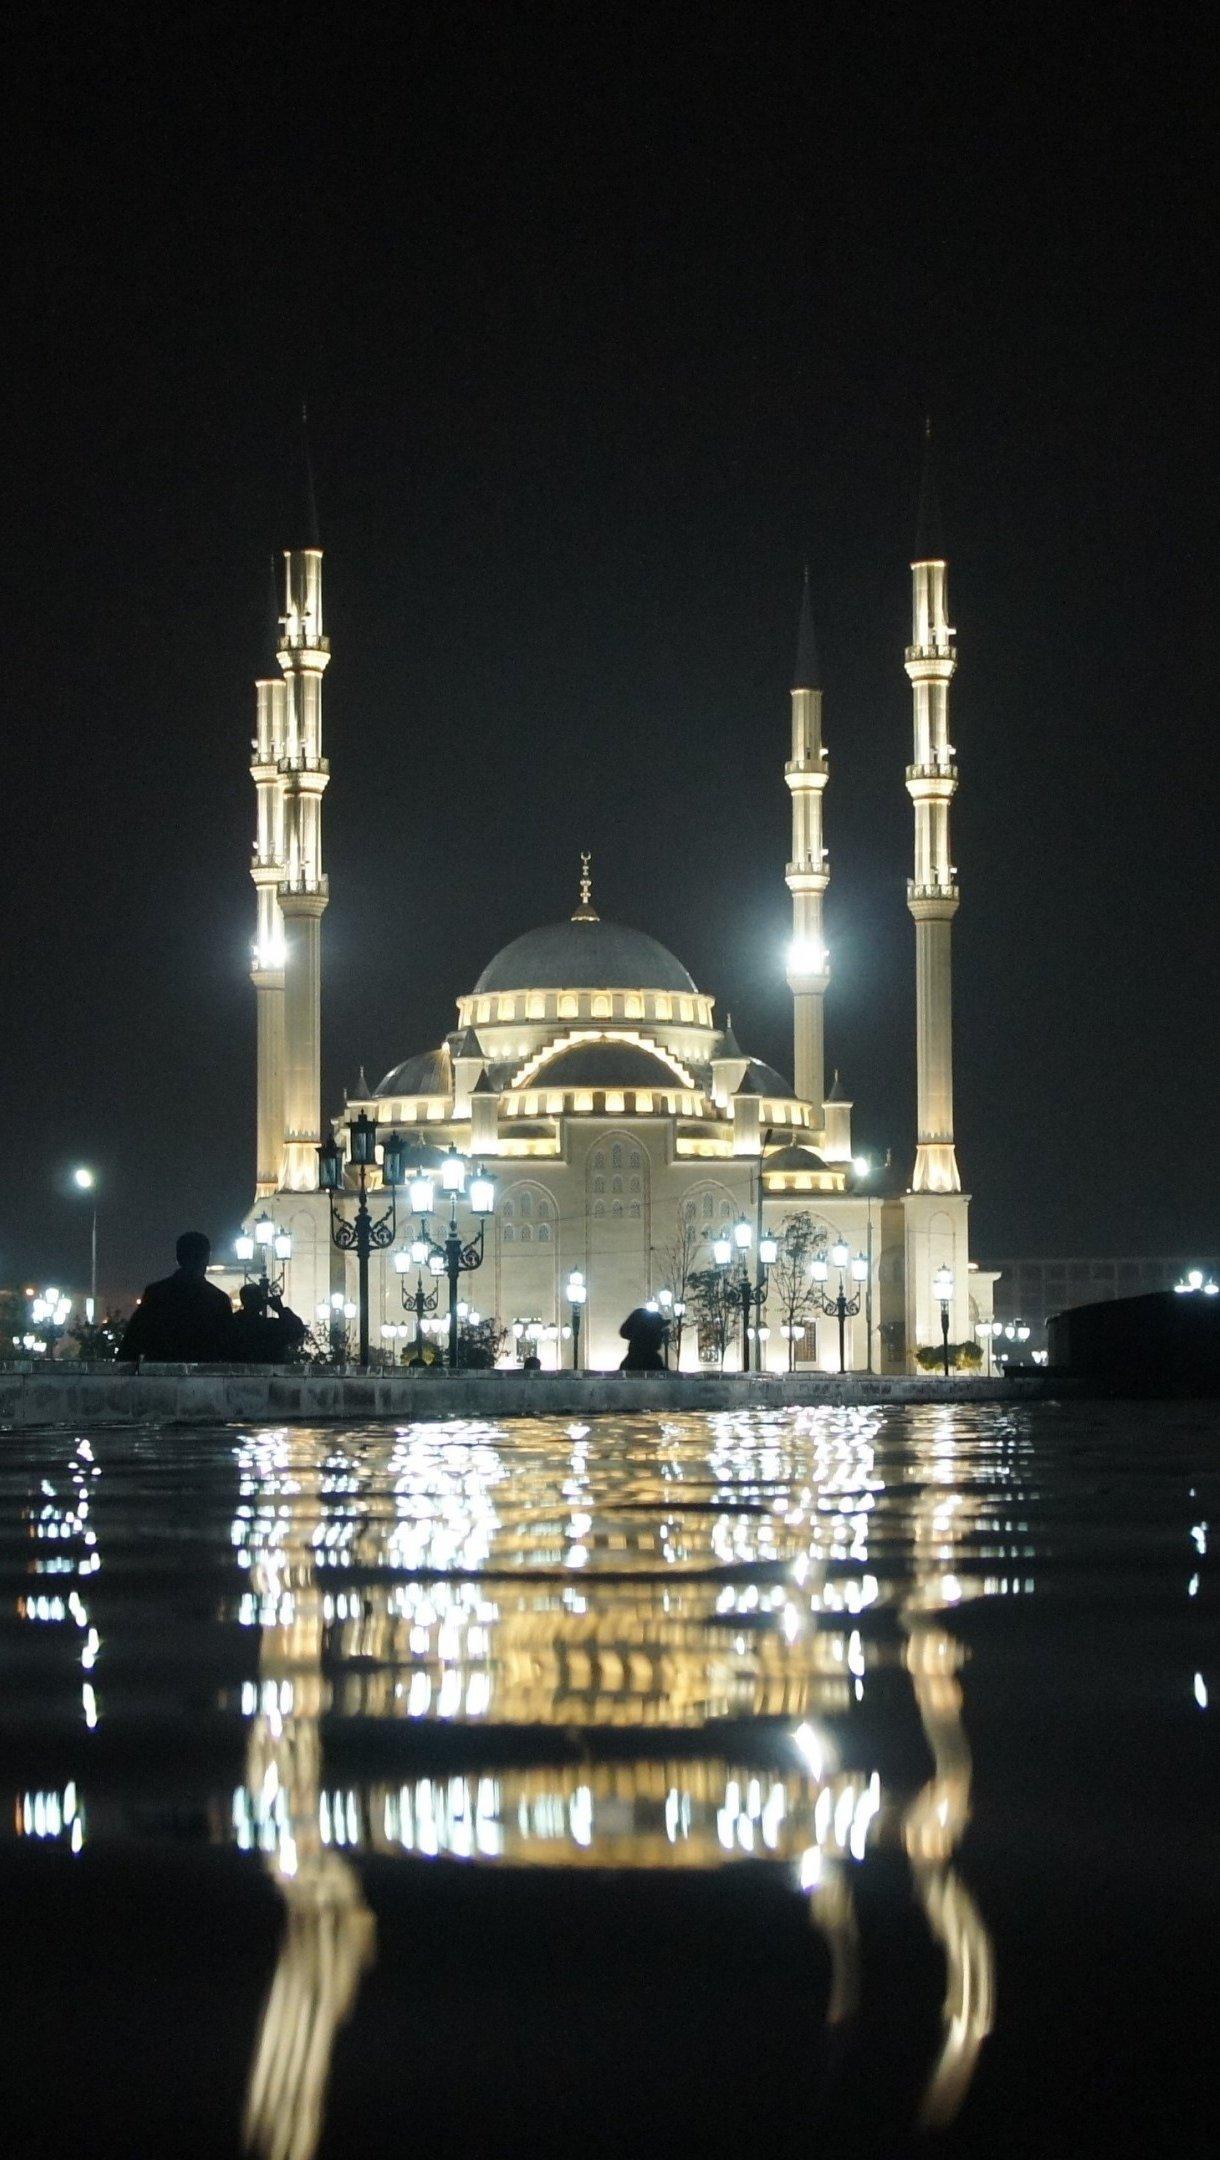 Fondos de pantalla Taj Mahal de noche Vertical